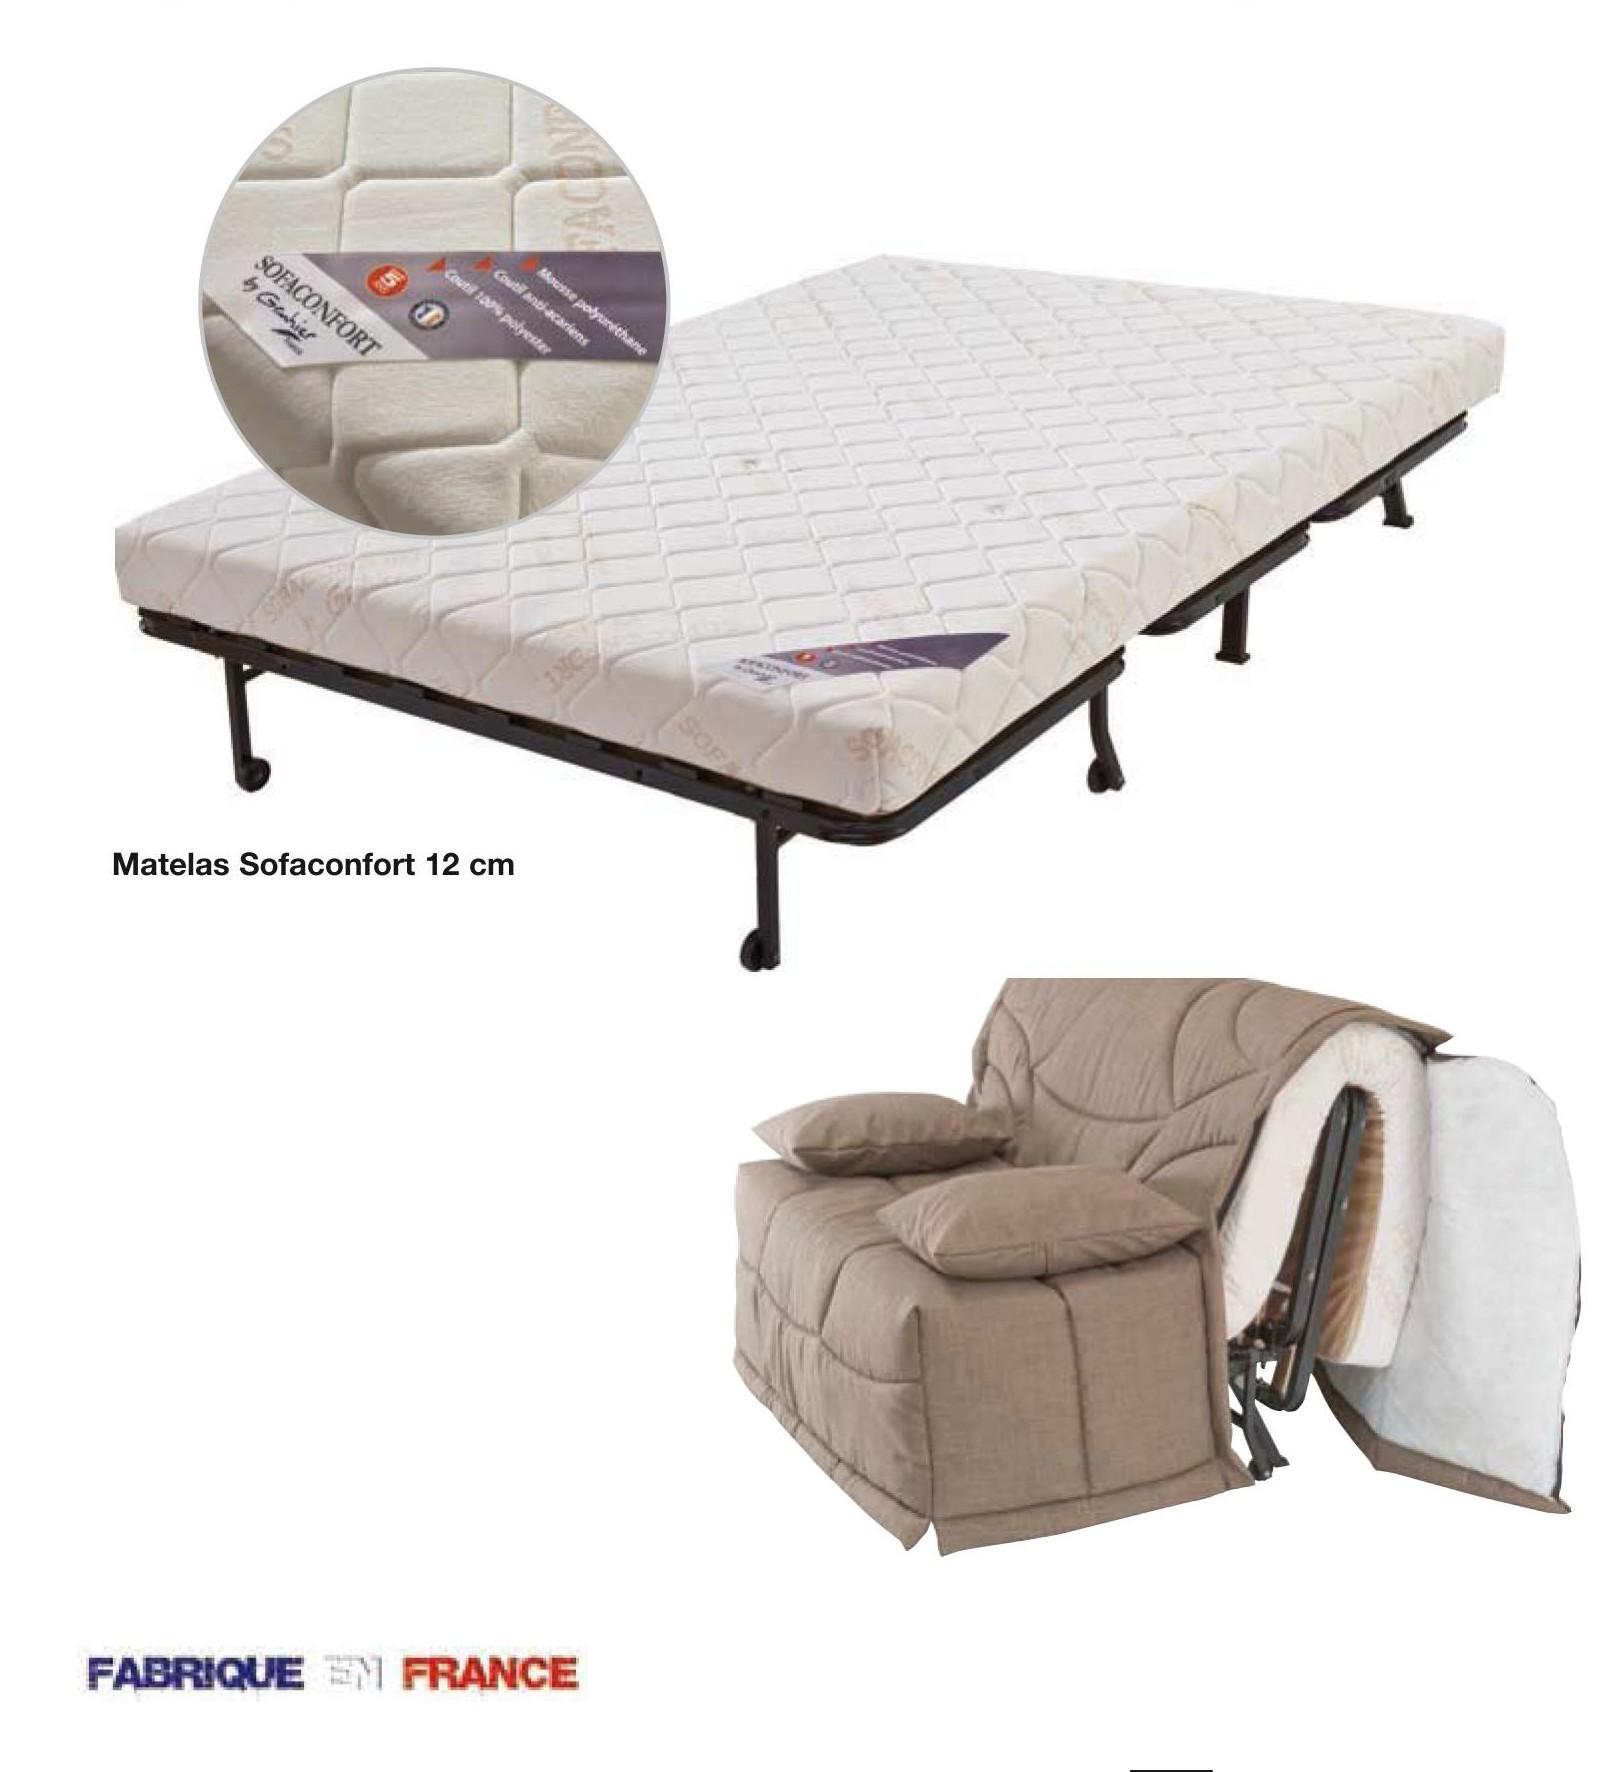 acheter banquette lit bz sleeping c cilia pas cher. Black Bedroom Furniture Sets. Home Design Ideas